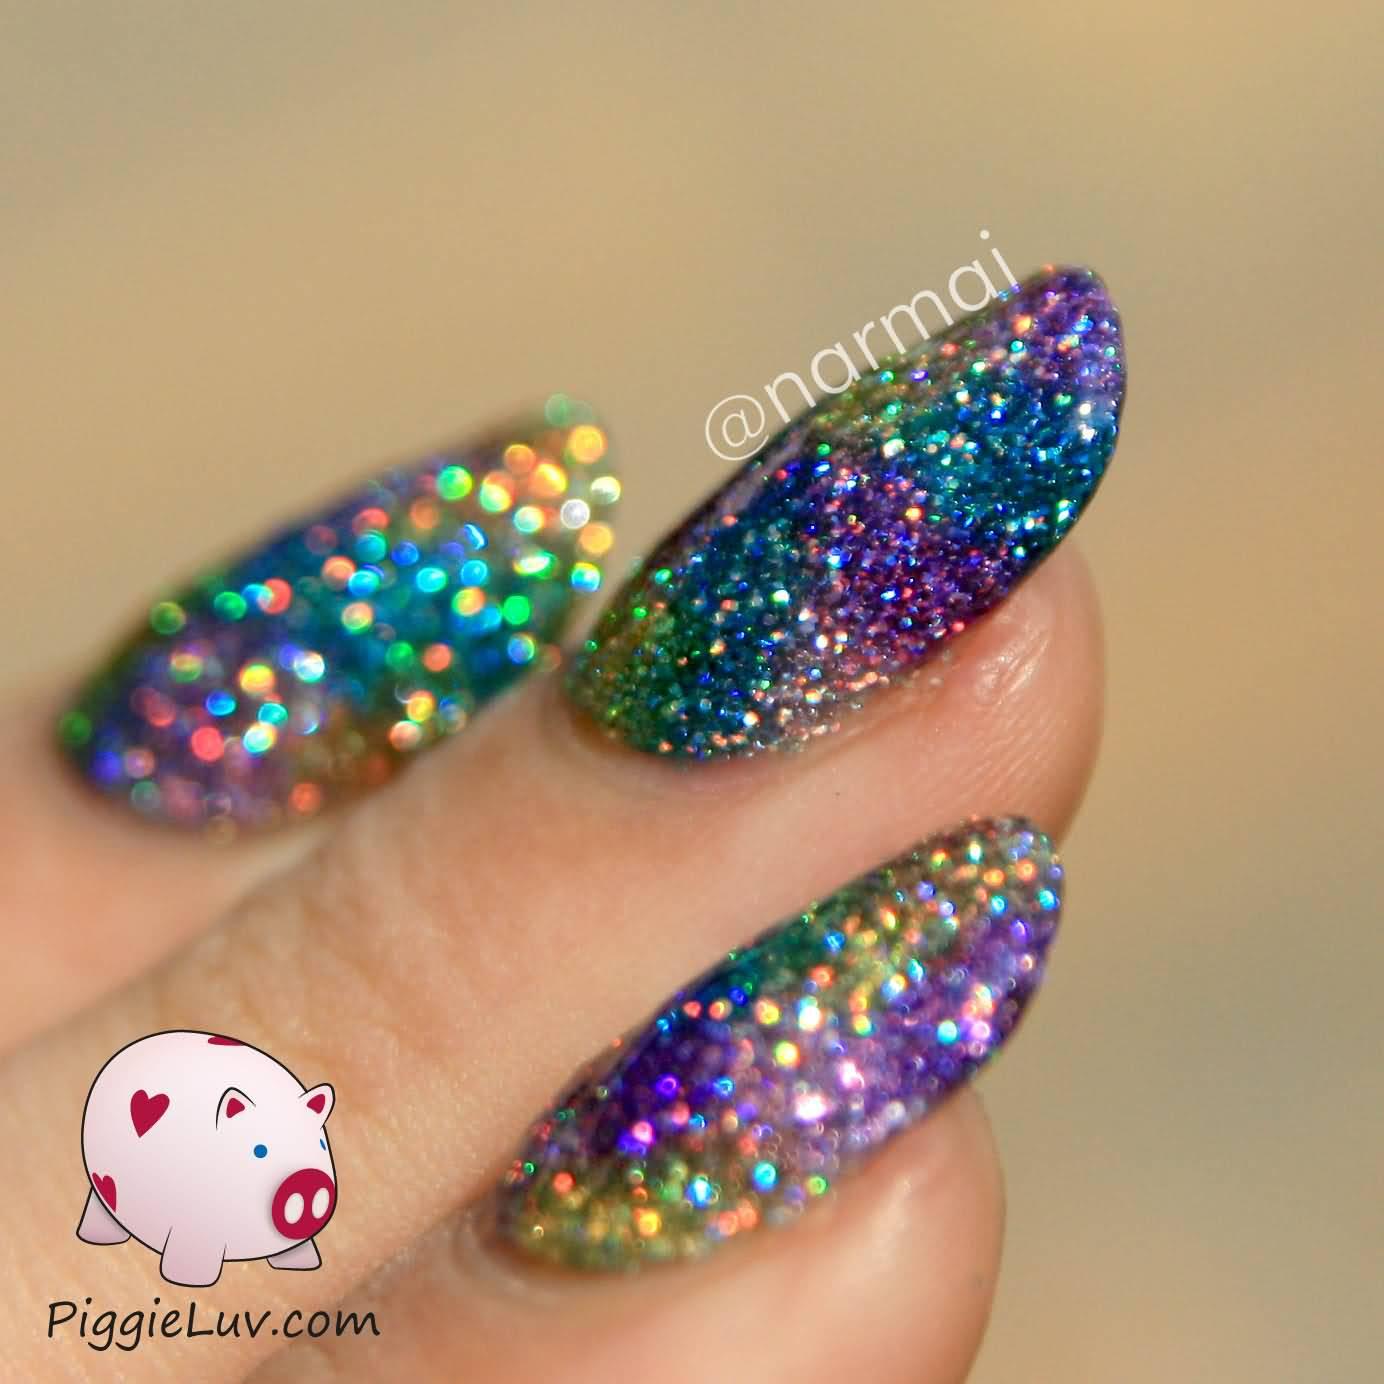 Glitter Nail Art Designs: 60 Most Beautiful Glitter Nail Art Ideas